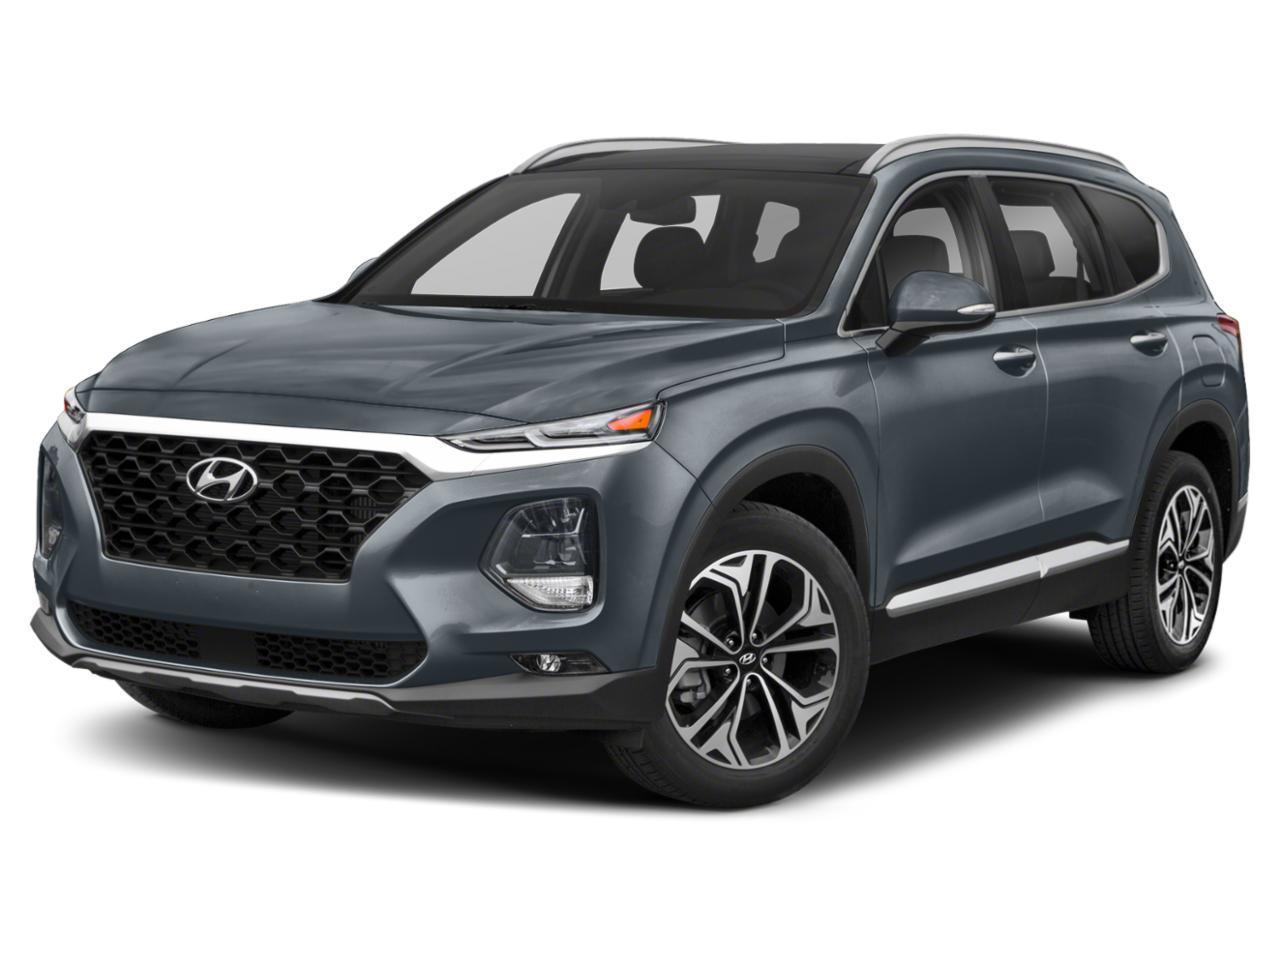 2020 Hyundai Santa Fe LIMITED 2.4 SUV Slide